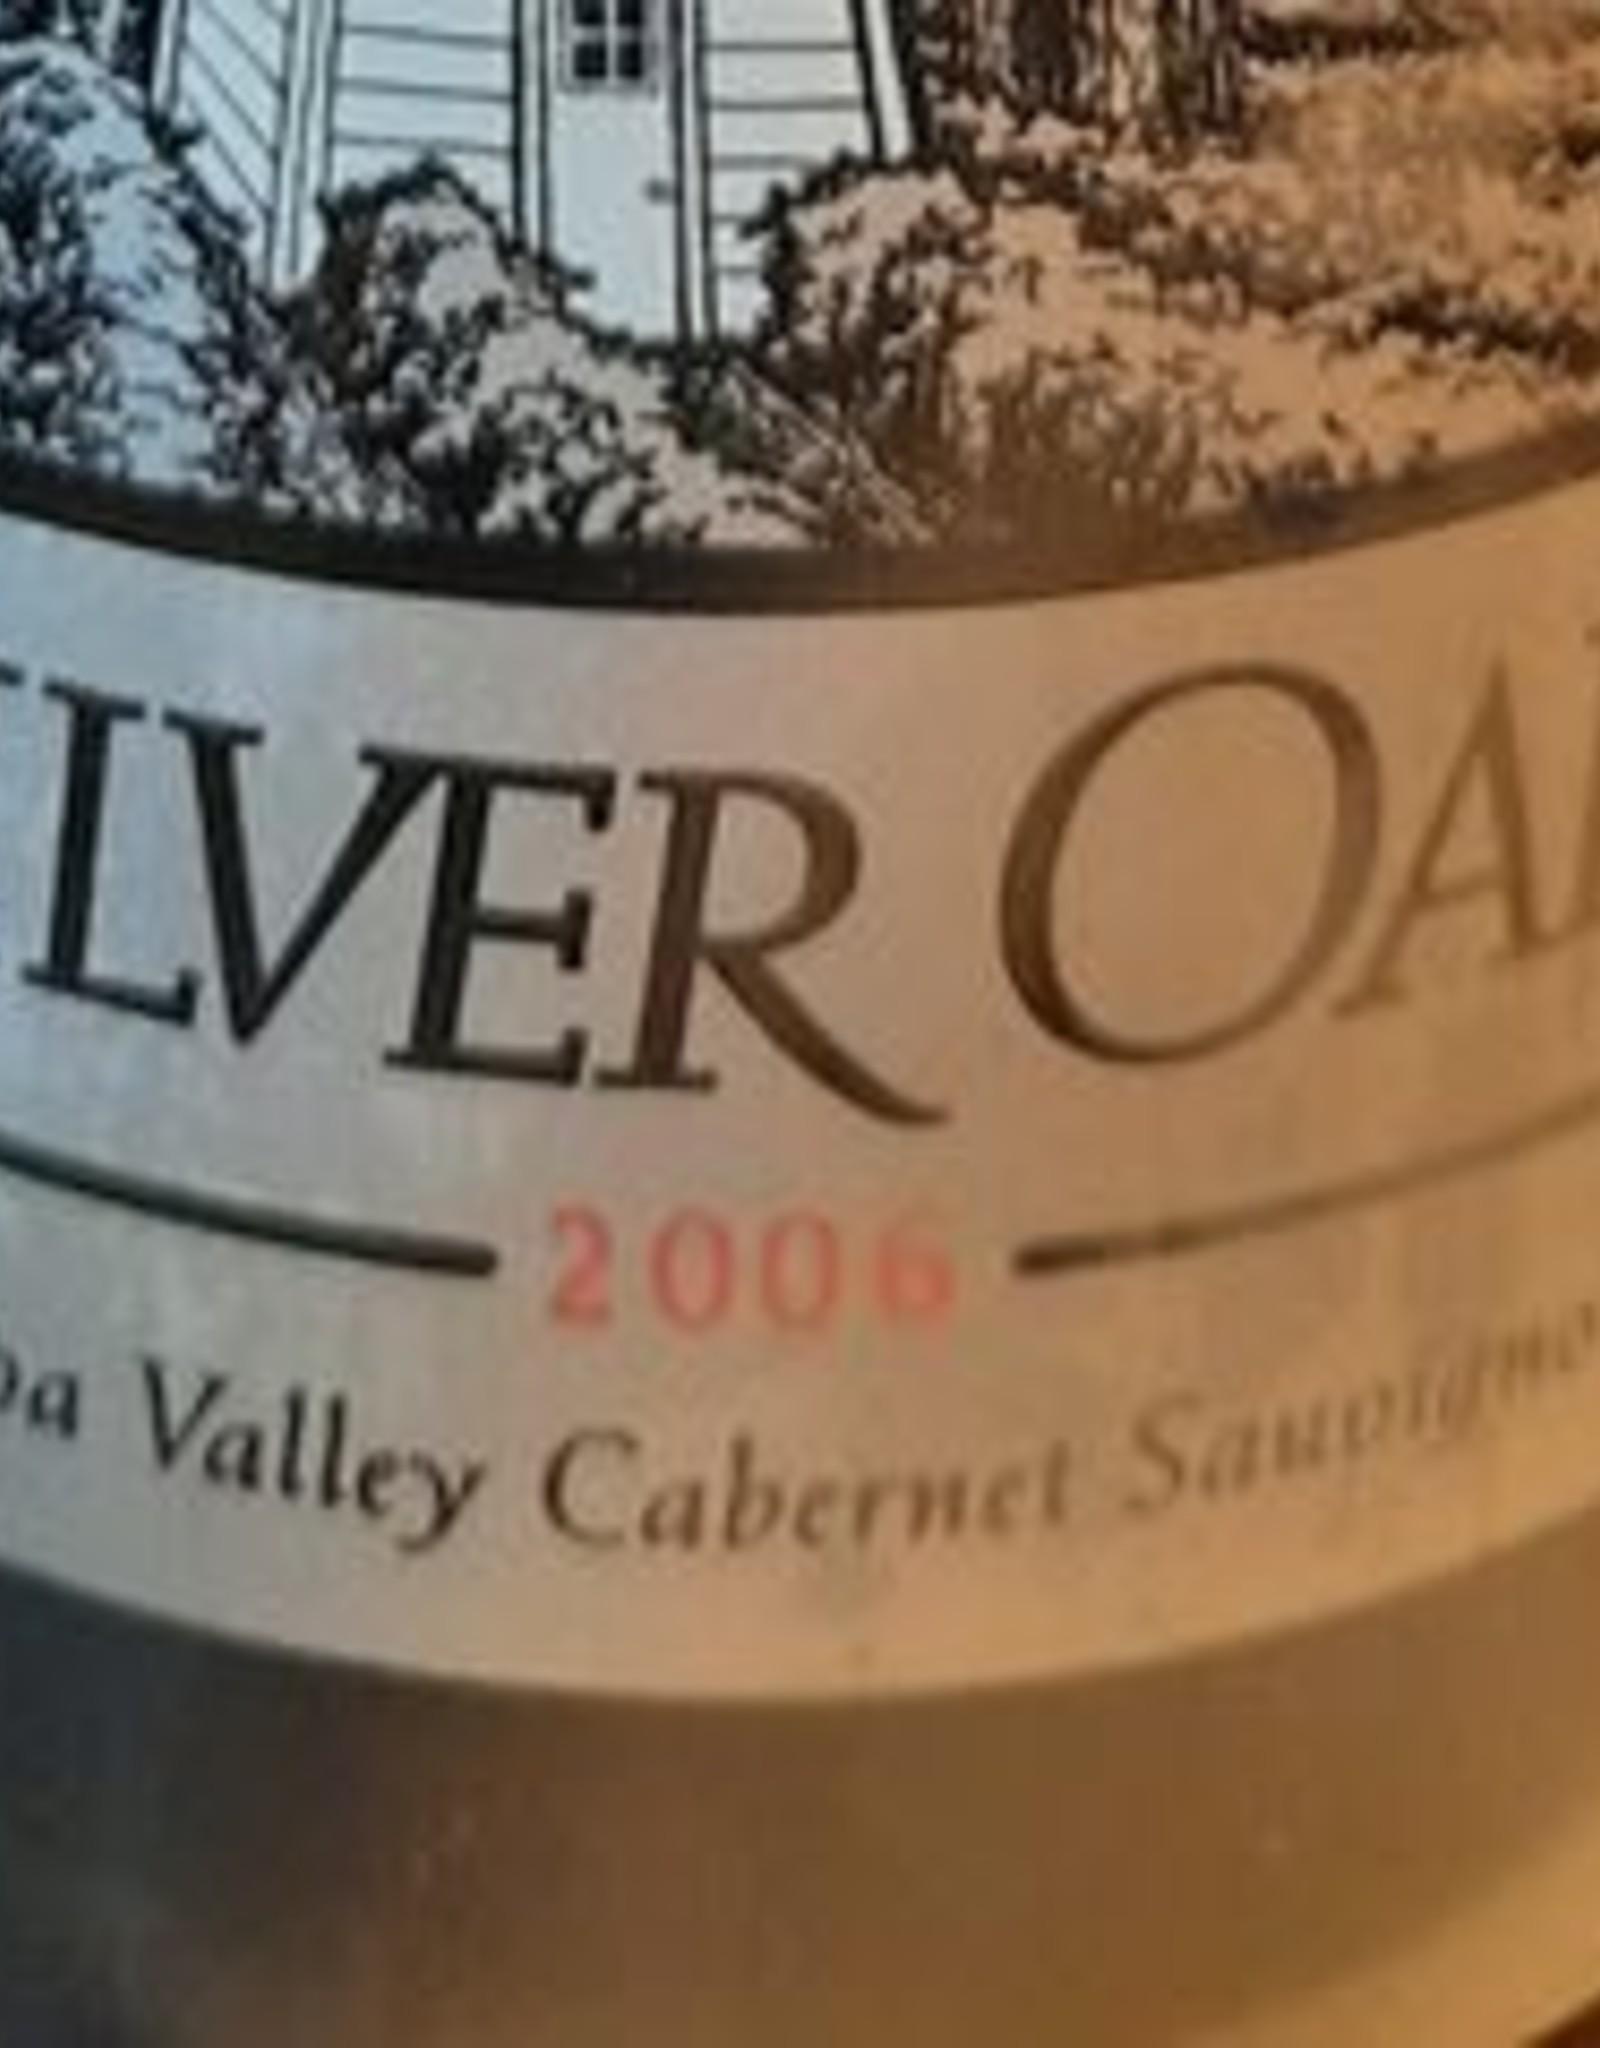 Silver Oak Cabernet Sauvignon 2006 Napa